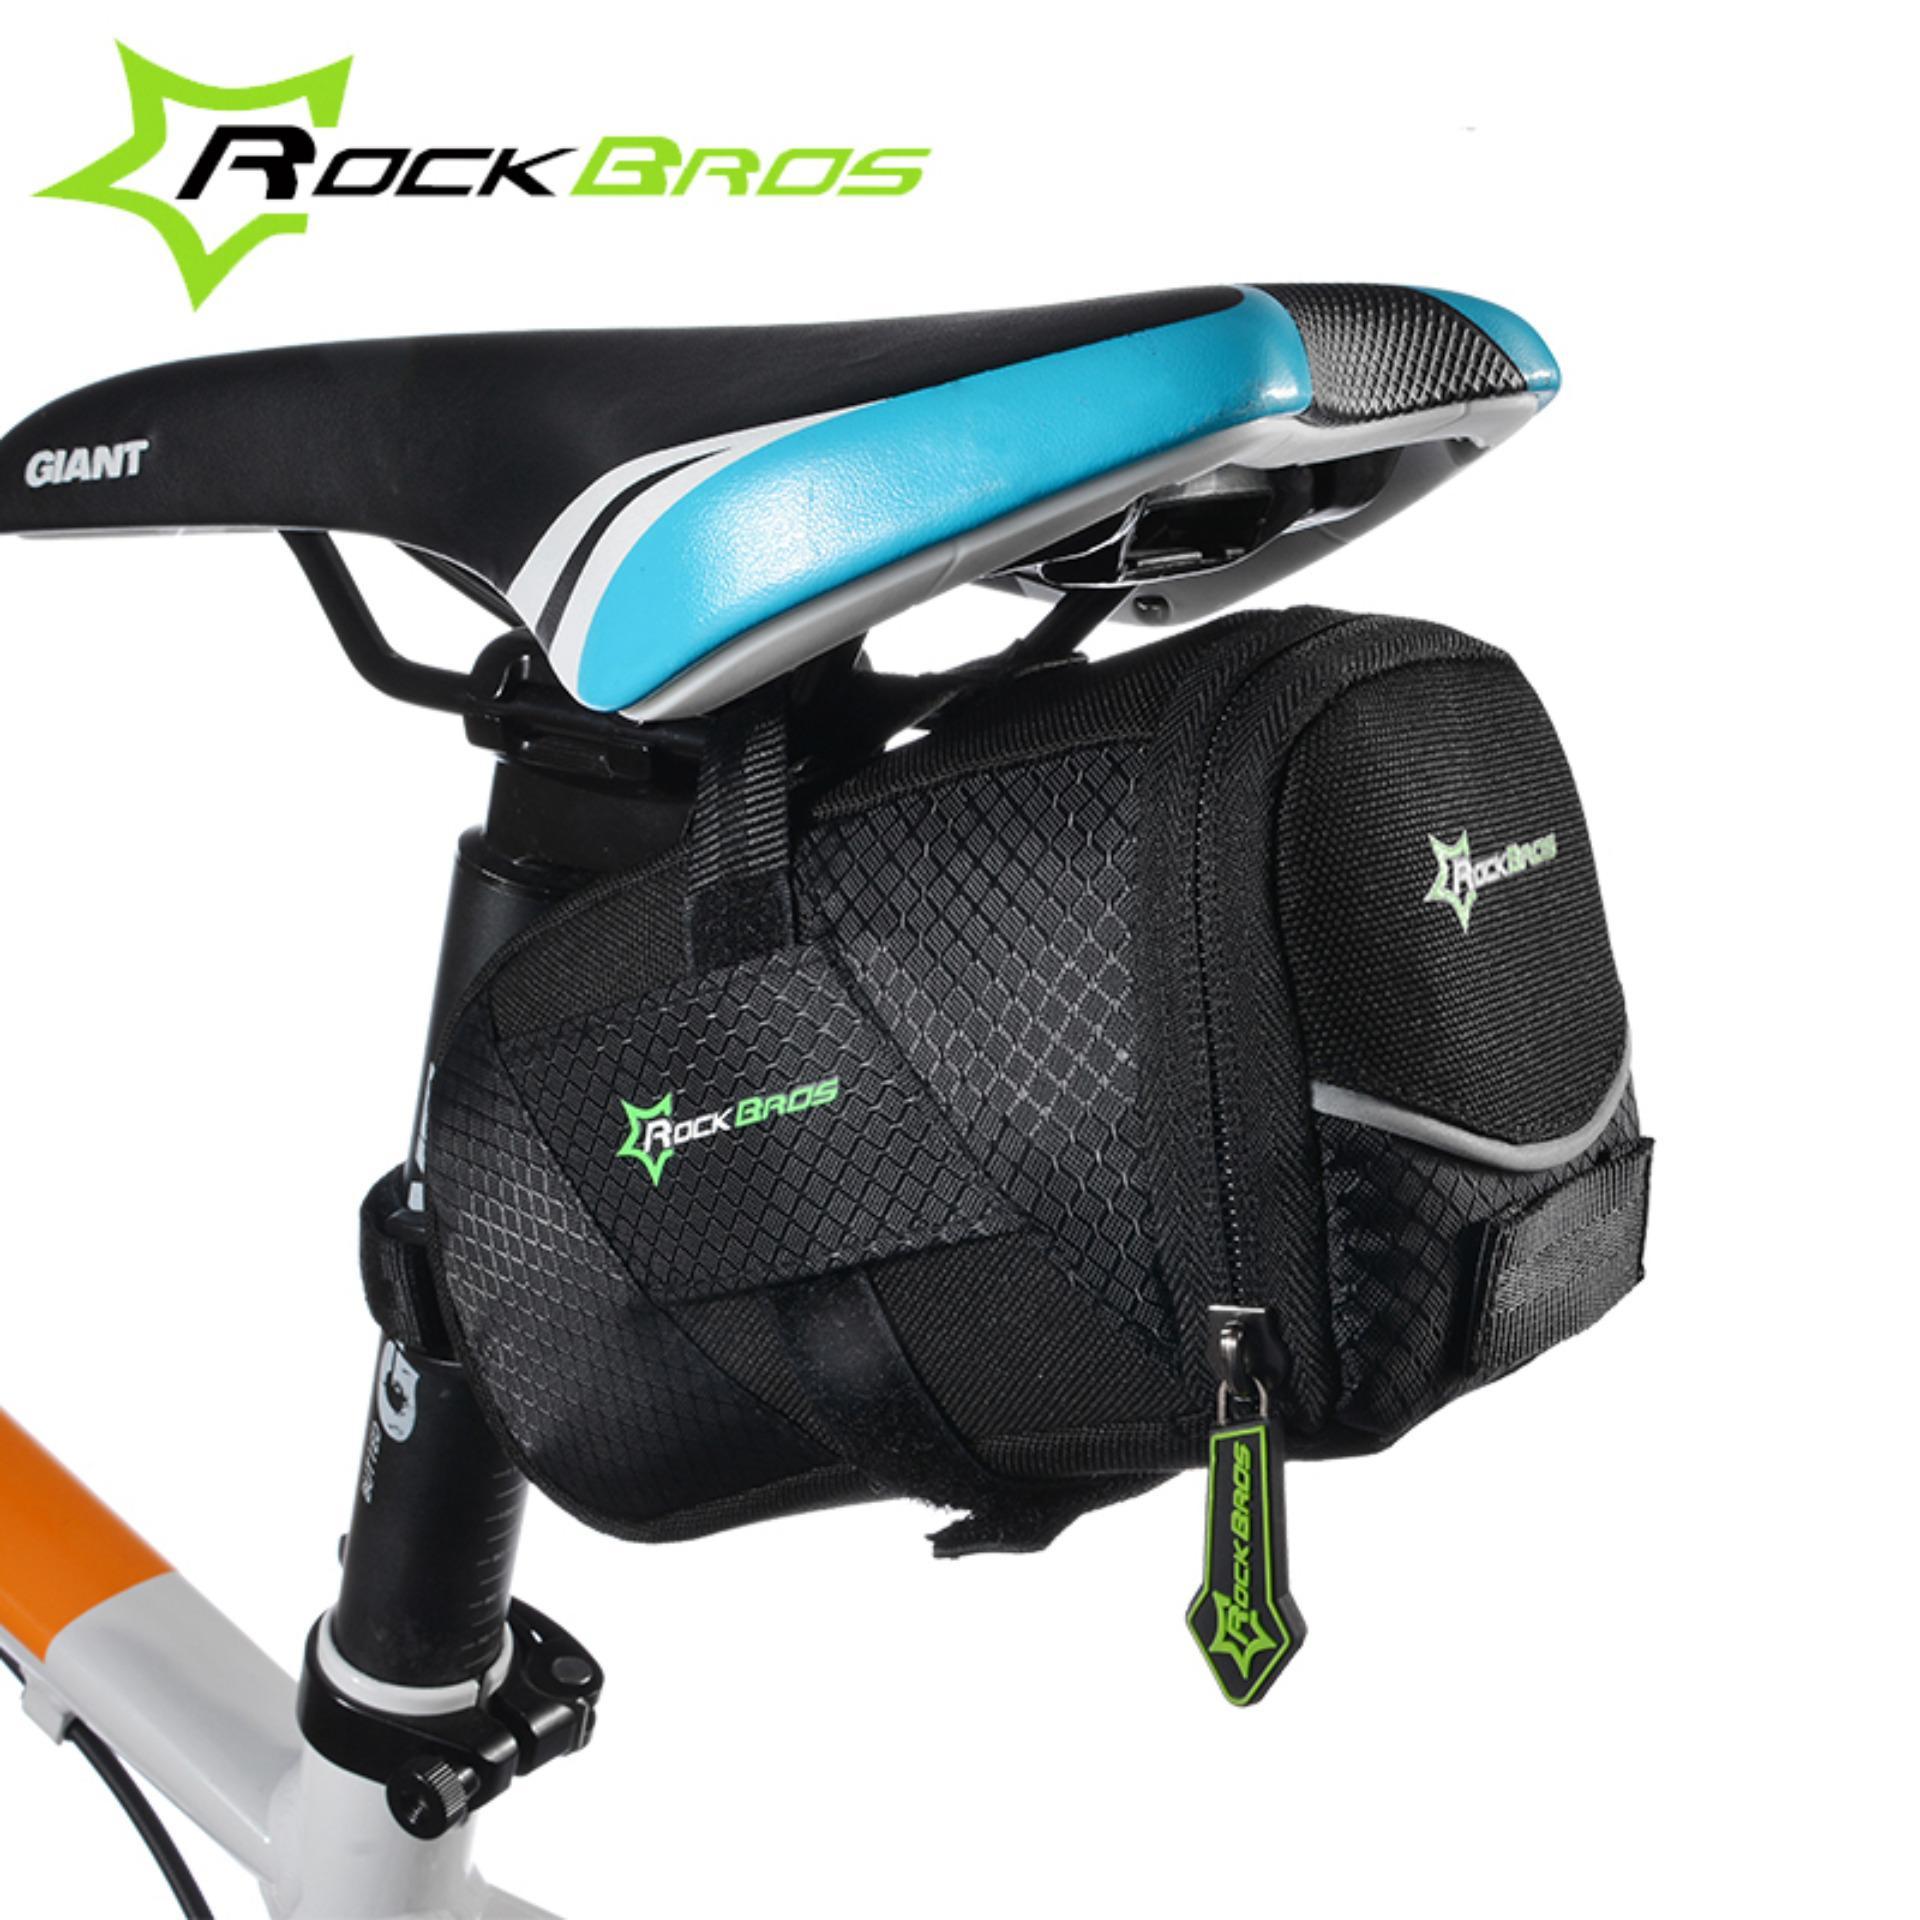 ROCKBROS Mountain Road Bike Bag Tahan Lama Rilis Bicycle Saddle Tas Bersepeda Back Seat Seatpost Tail